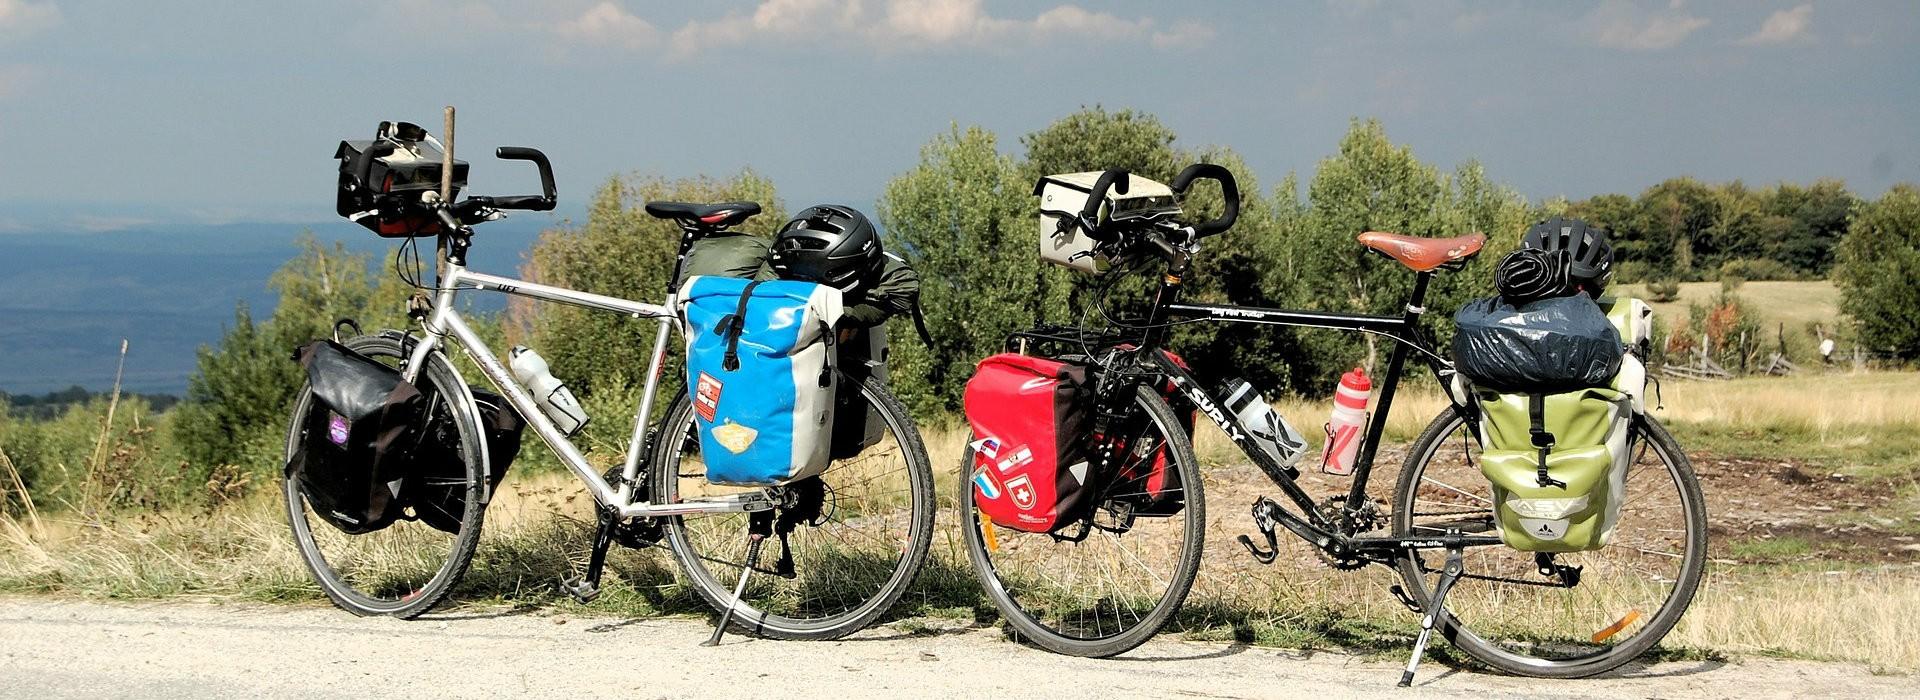 bike-325890-1920-15569